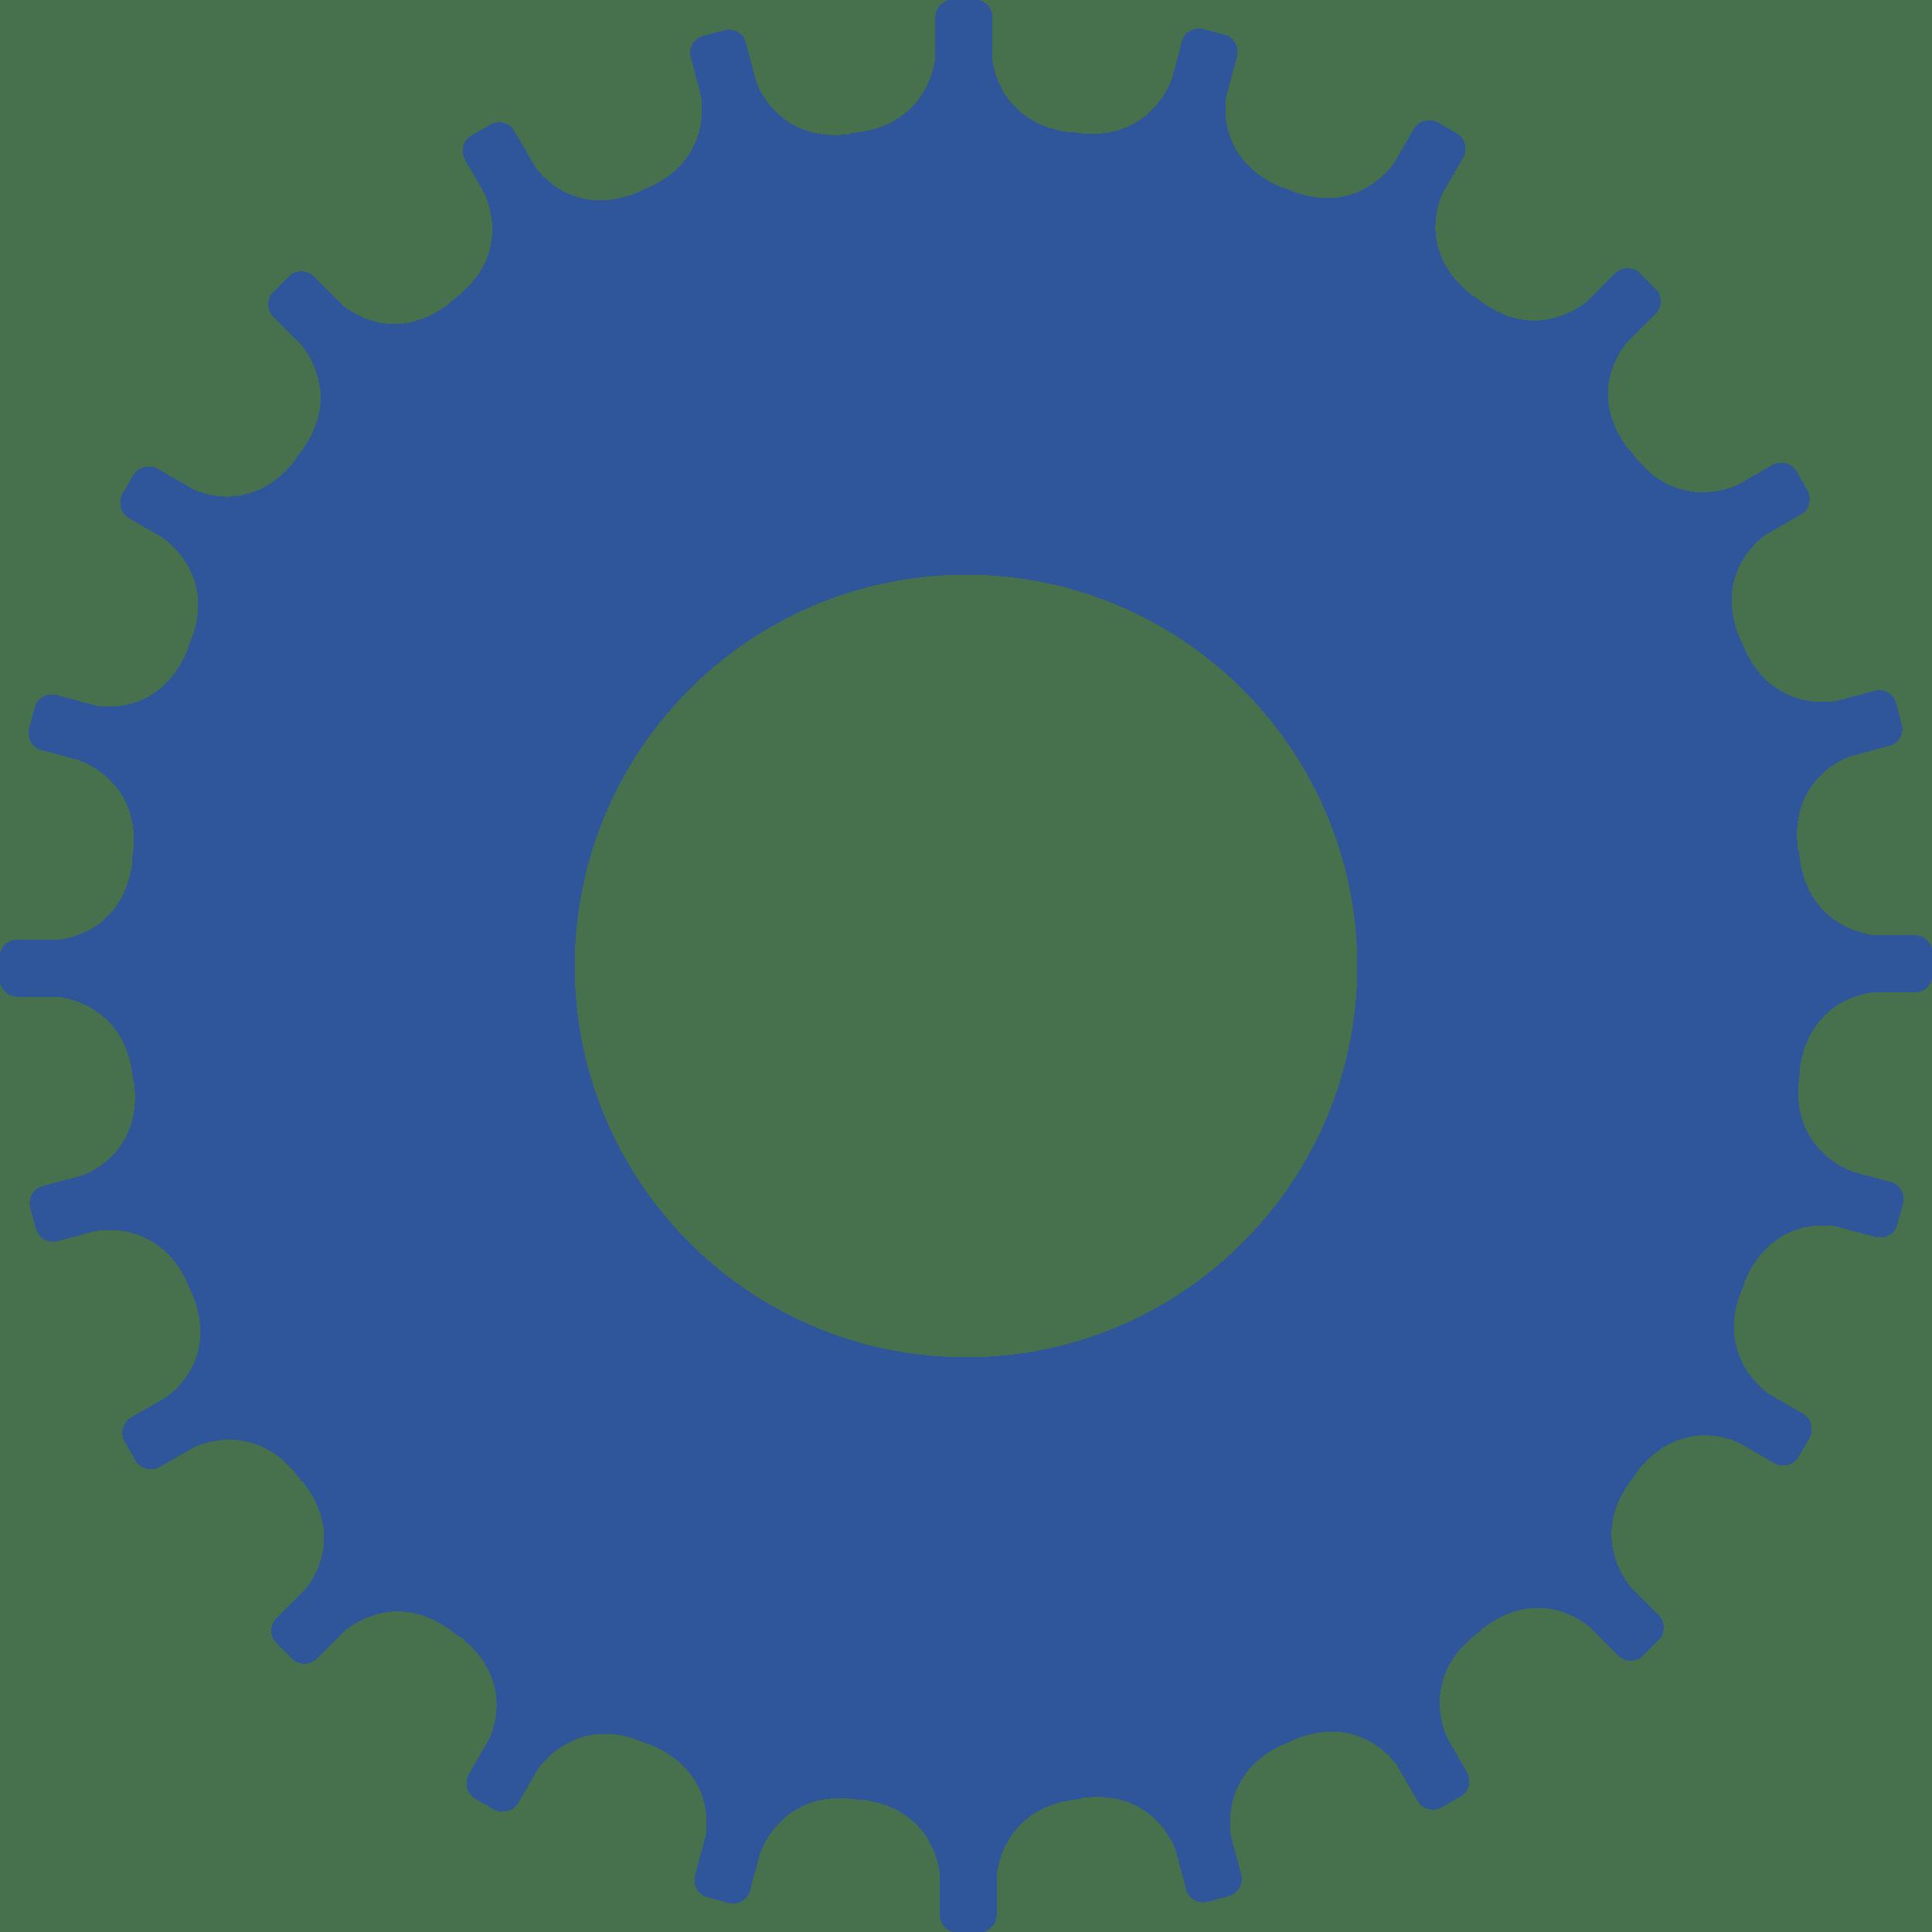 Gear Design PNG Clip-art